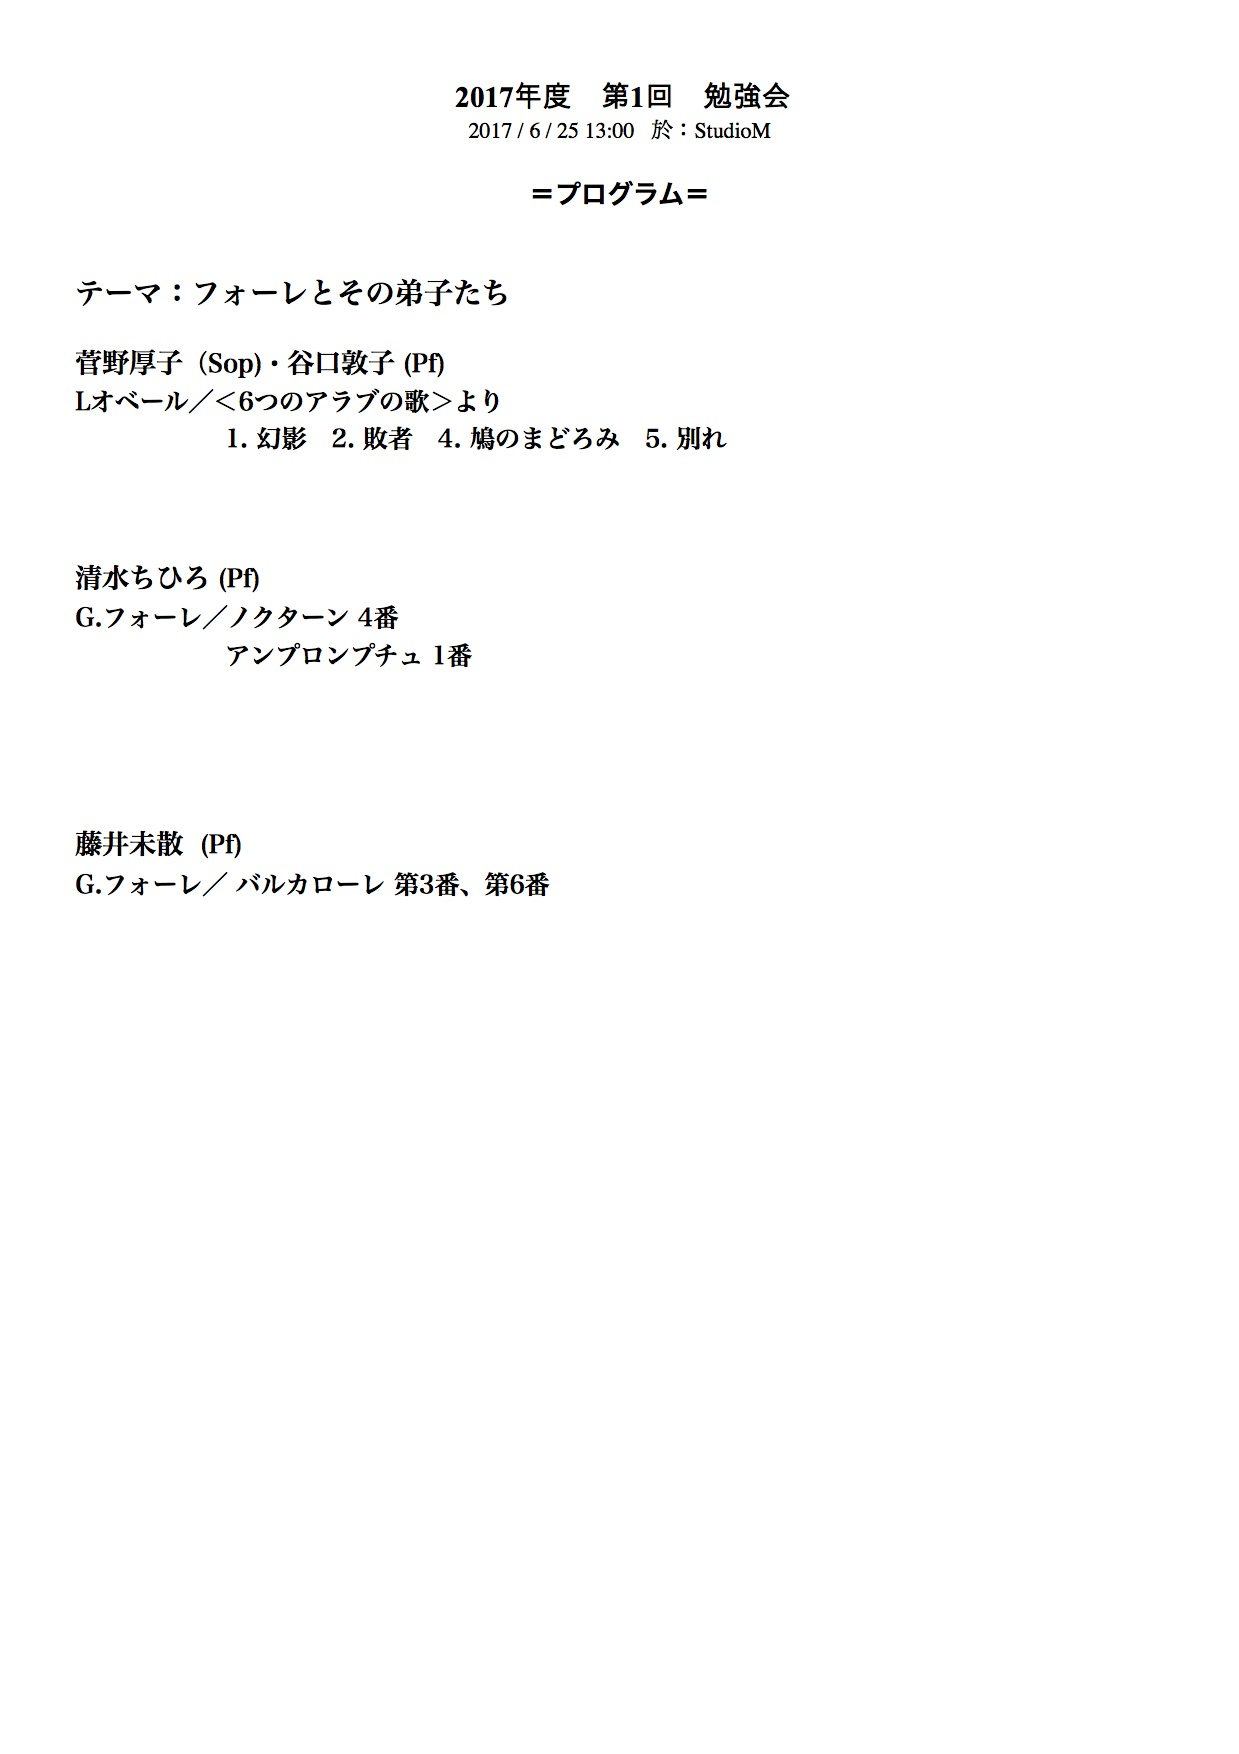 17.6.25.勉強会プロ jpeg